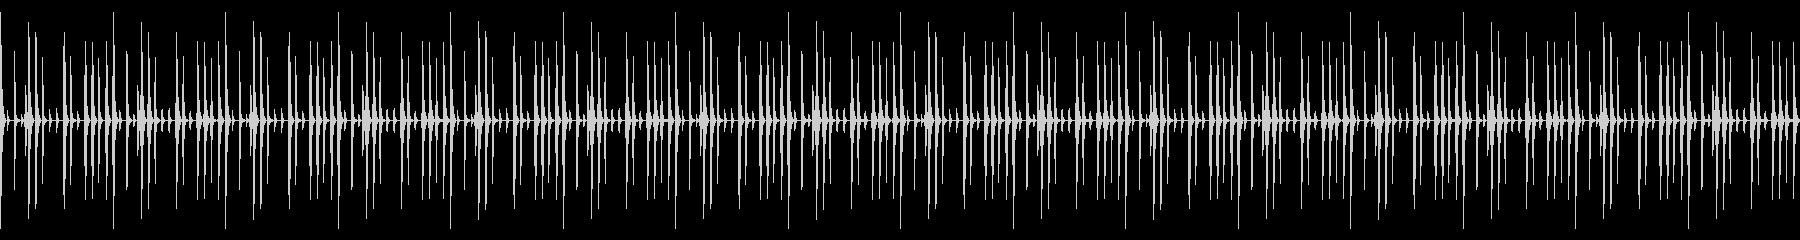 電子書籍・ゲーム・アプリ・日常ドラムソロの未再生の波形